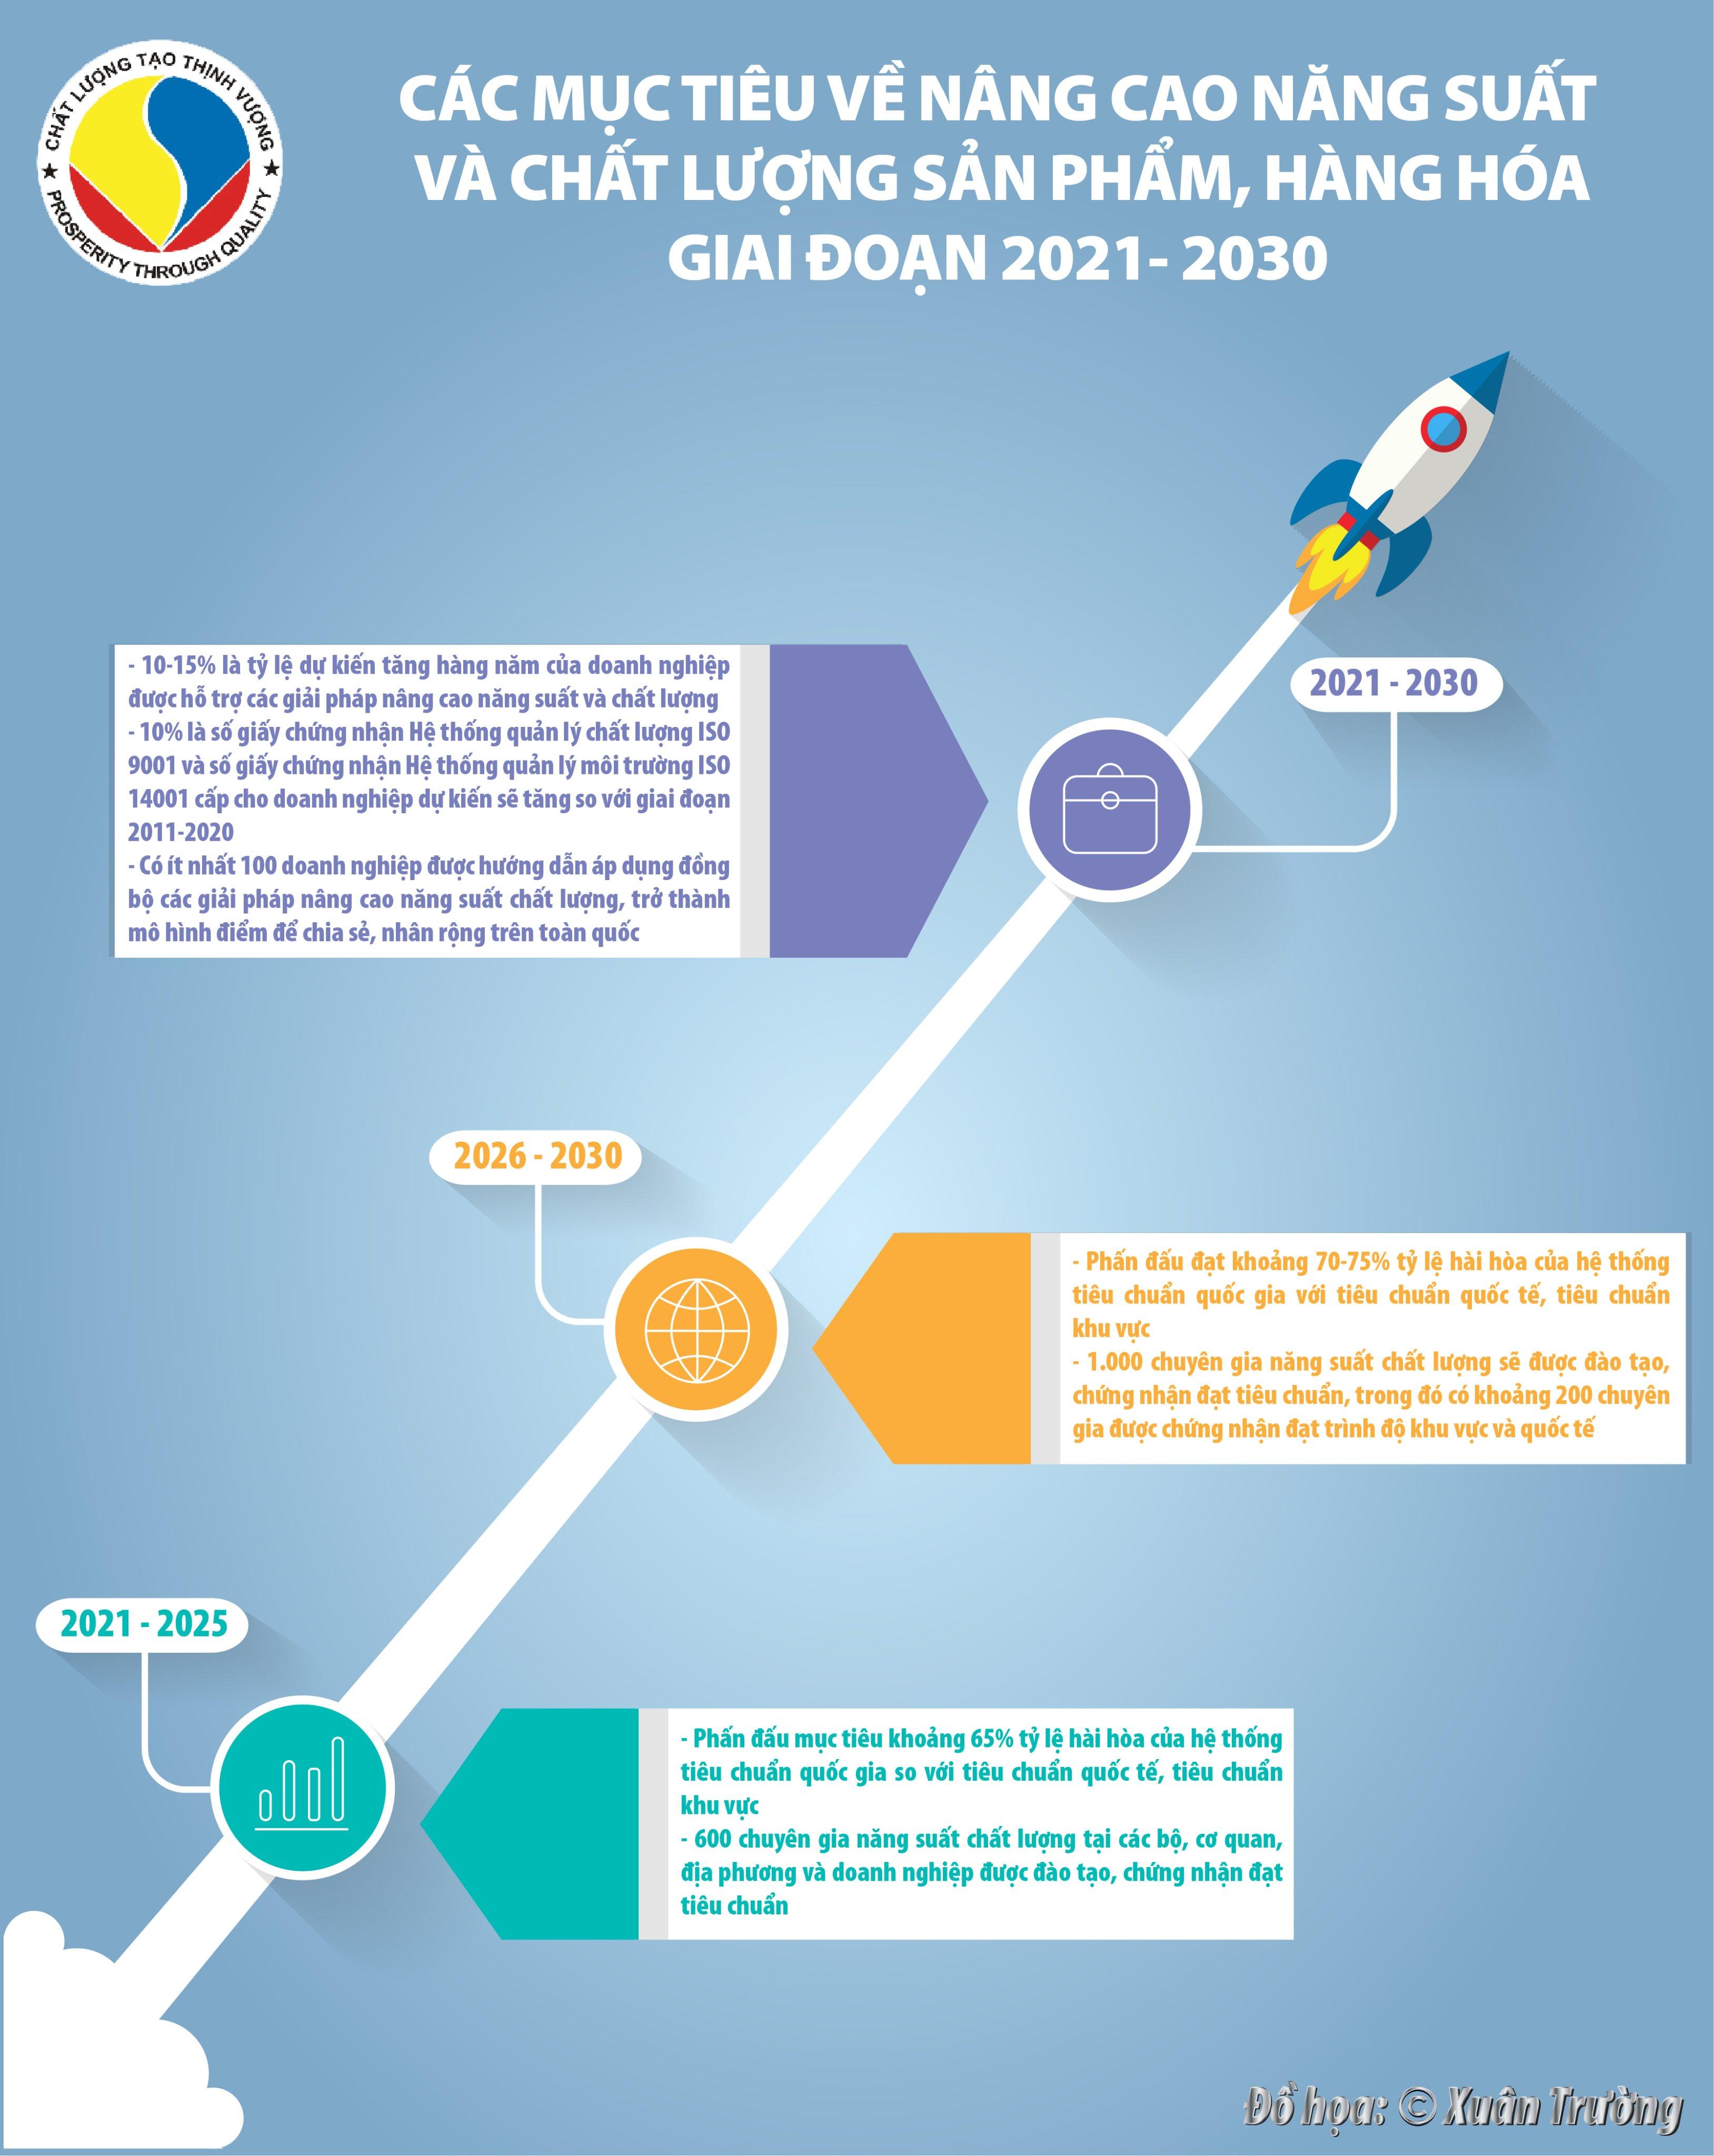 [Infographics] Các mục tiêu về nâng cao năng suất và chất lượng sản phẩm, hàng hóa giai đoạn 2021- 2030  - Ảnh 1